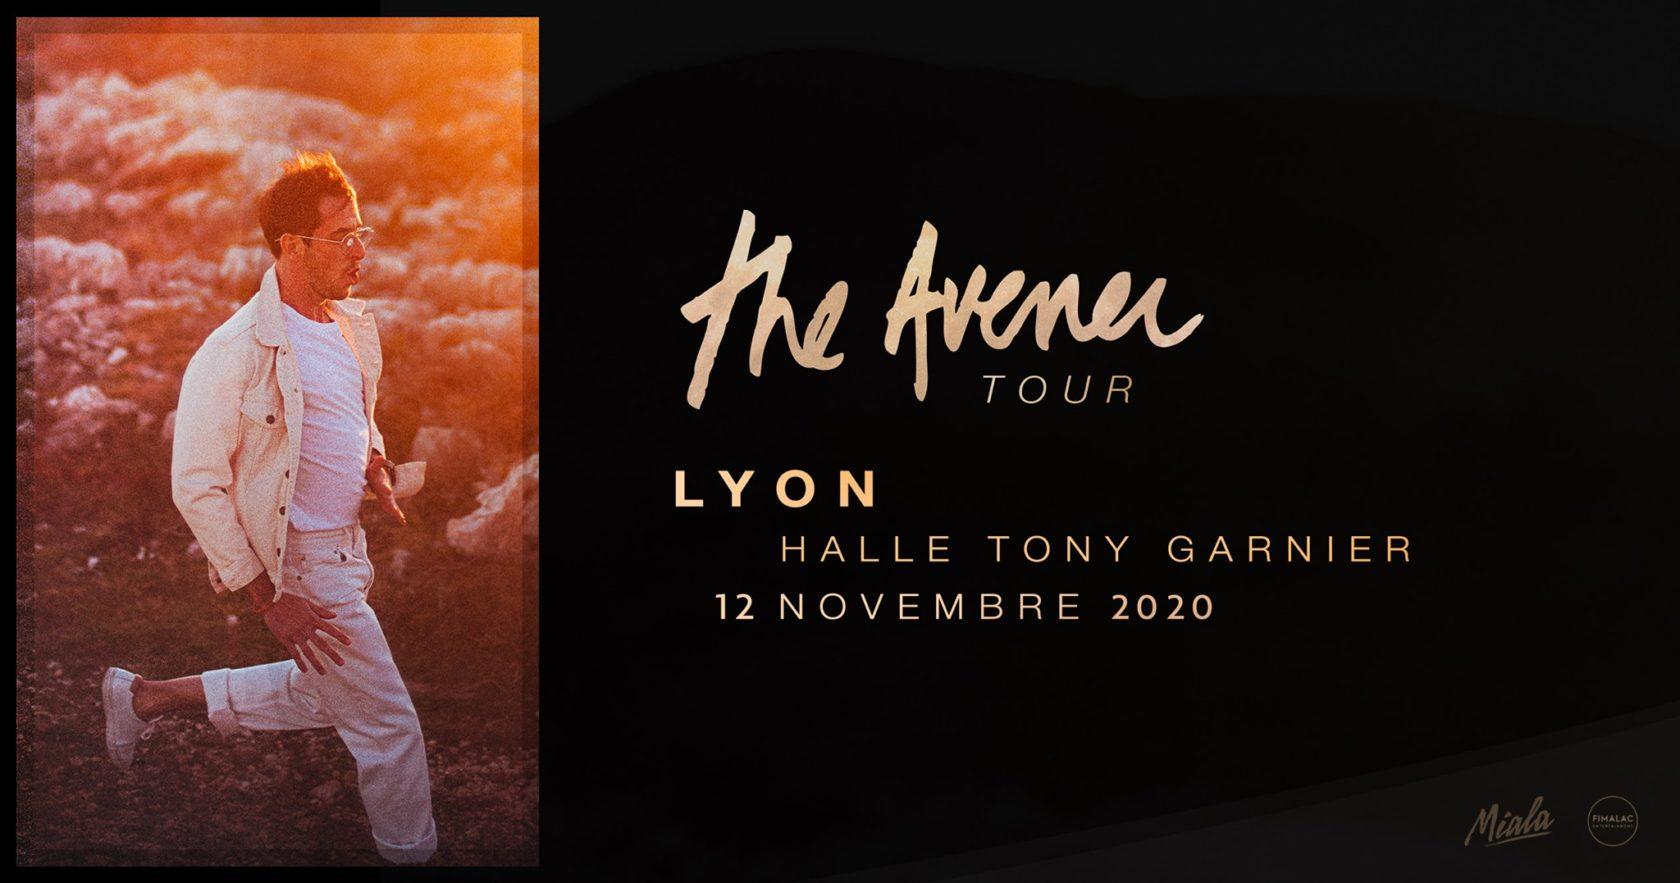 The Avener Tour – Halle Tony Garnier